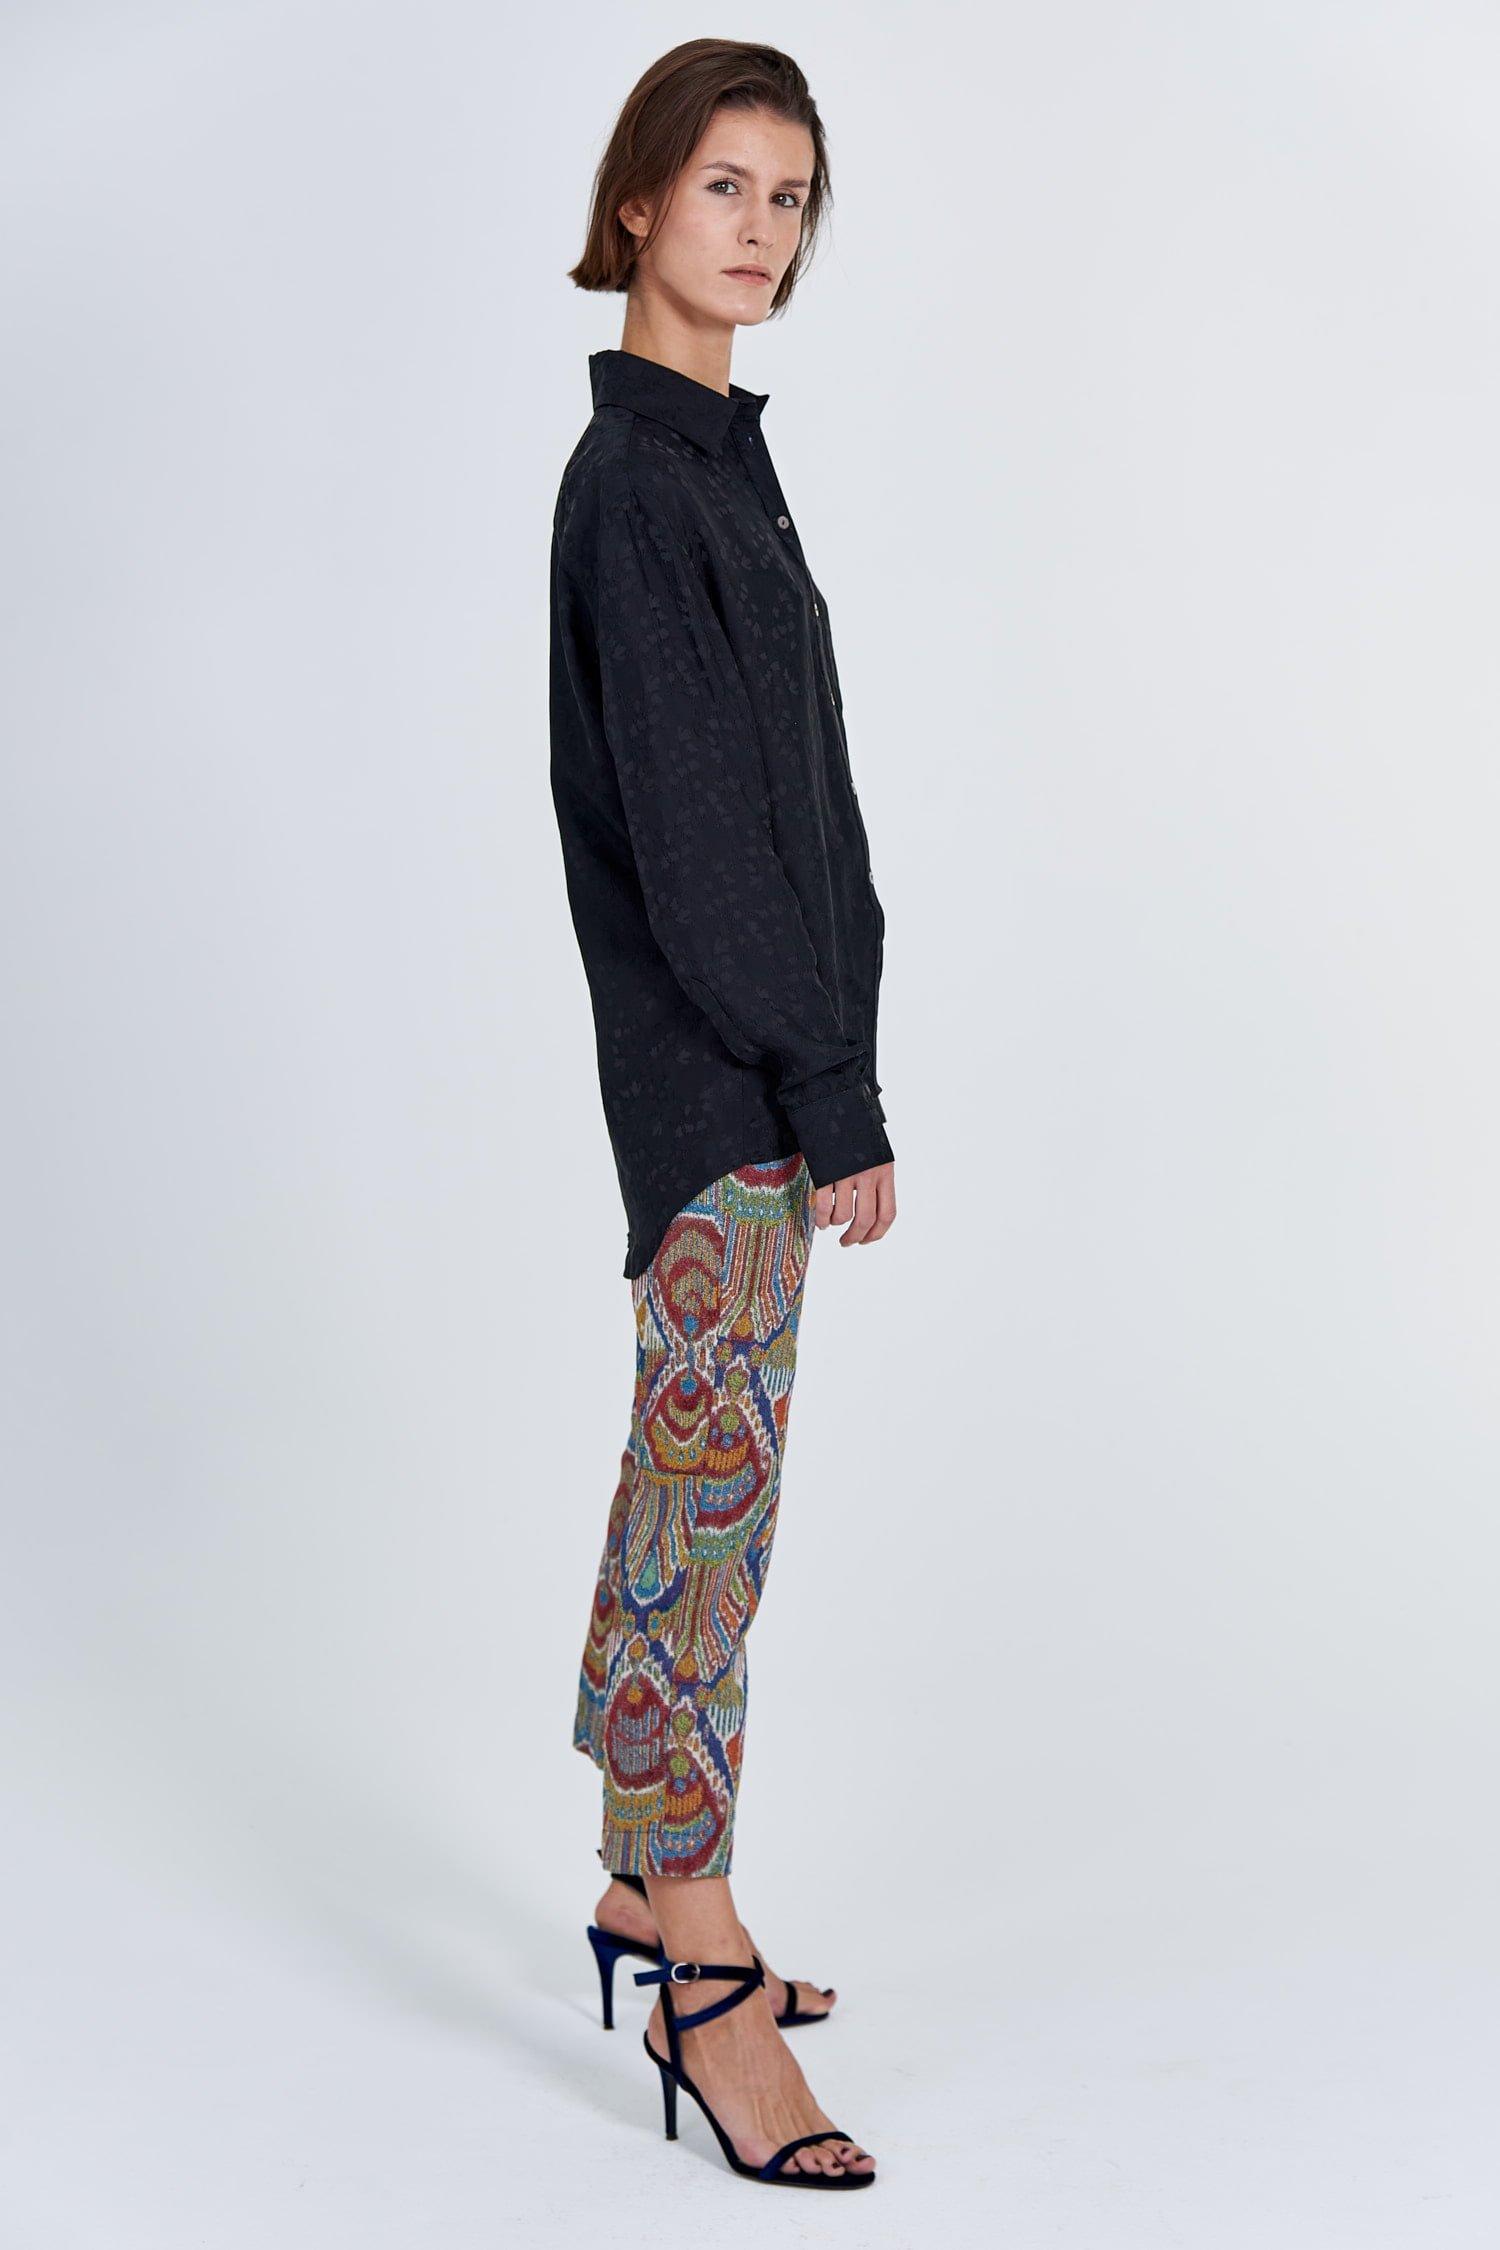 Acephala Fw 2020 21 Black Jacquard Shirt Jacquard Trousers Side